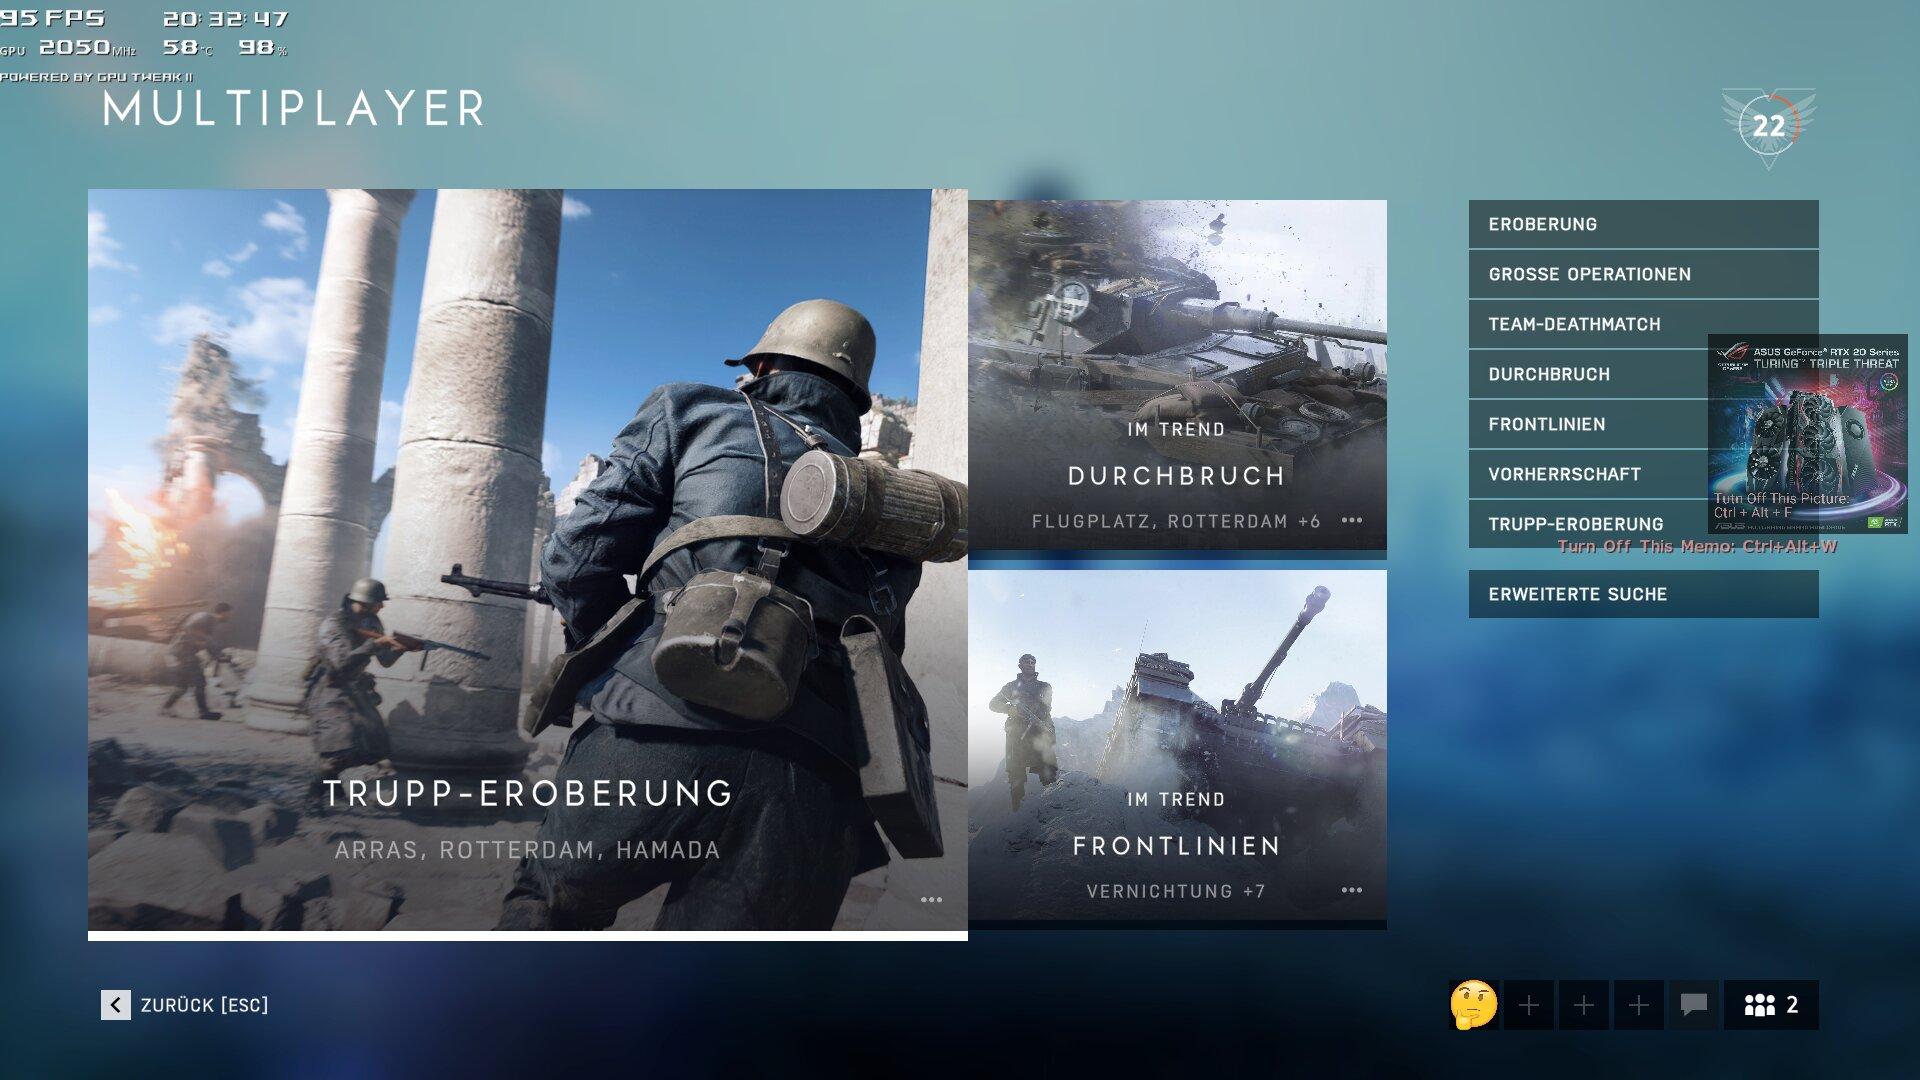 Werbeanzeige für Nvidia-GeForce-RTX-Grafikkarten im Overlay